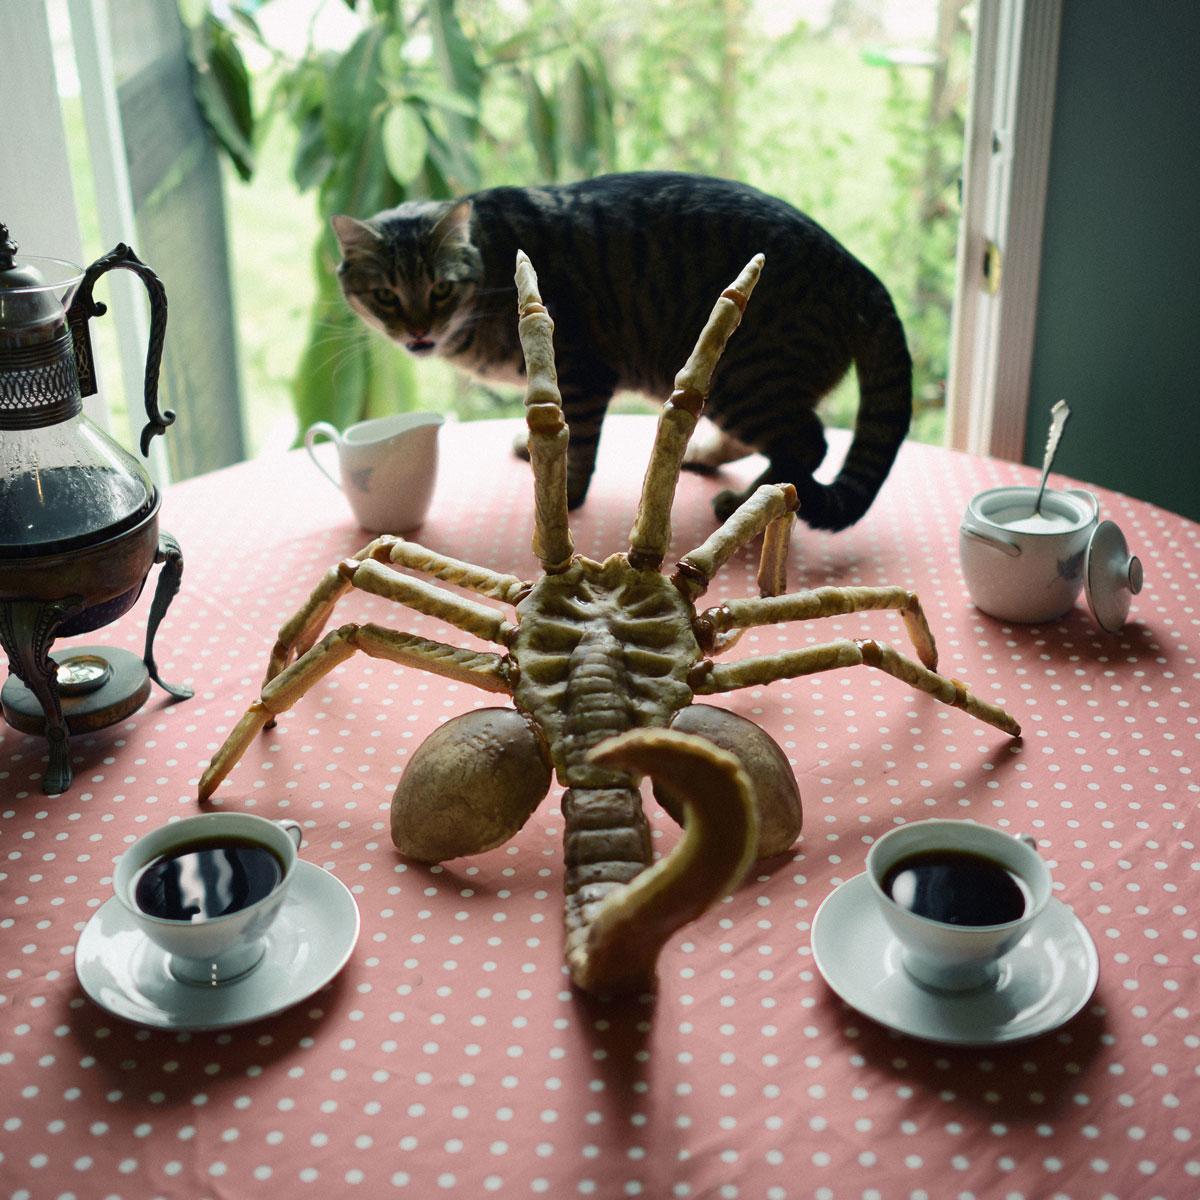 gateau-alien-chat-table